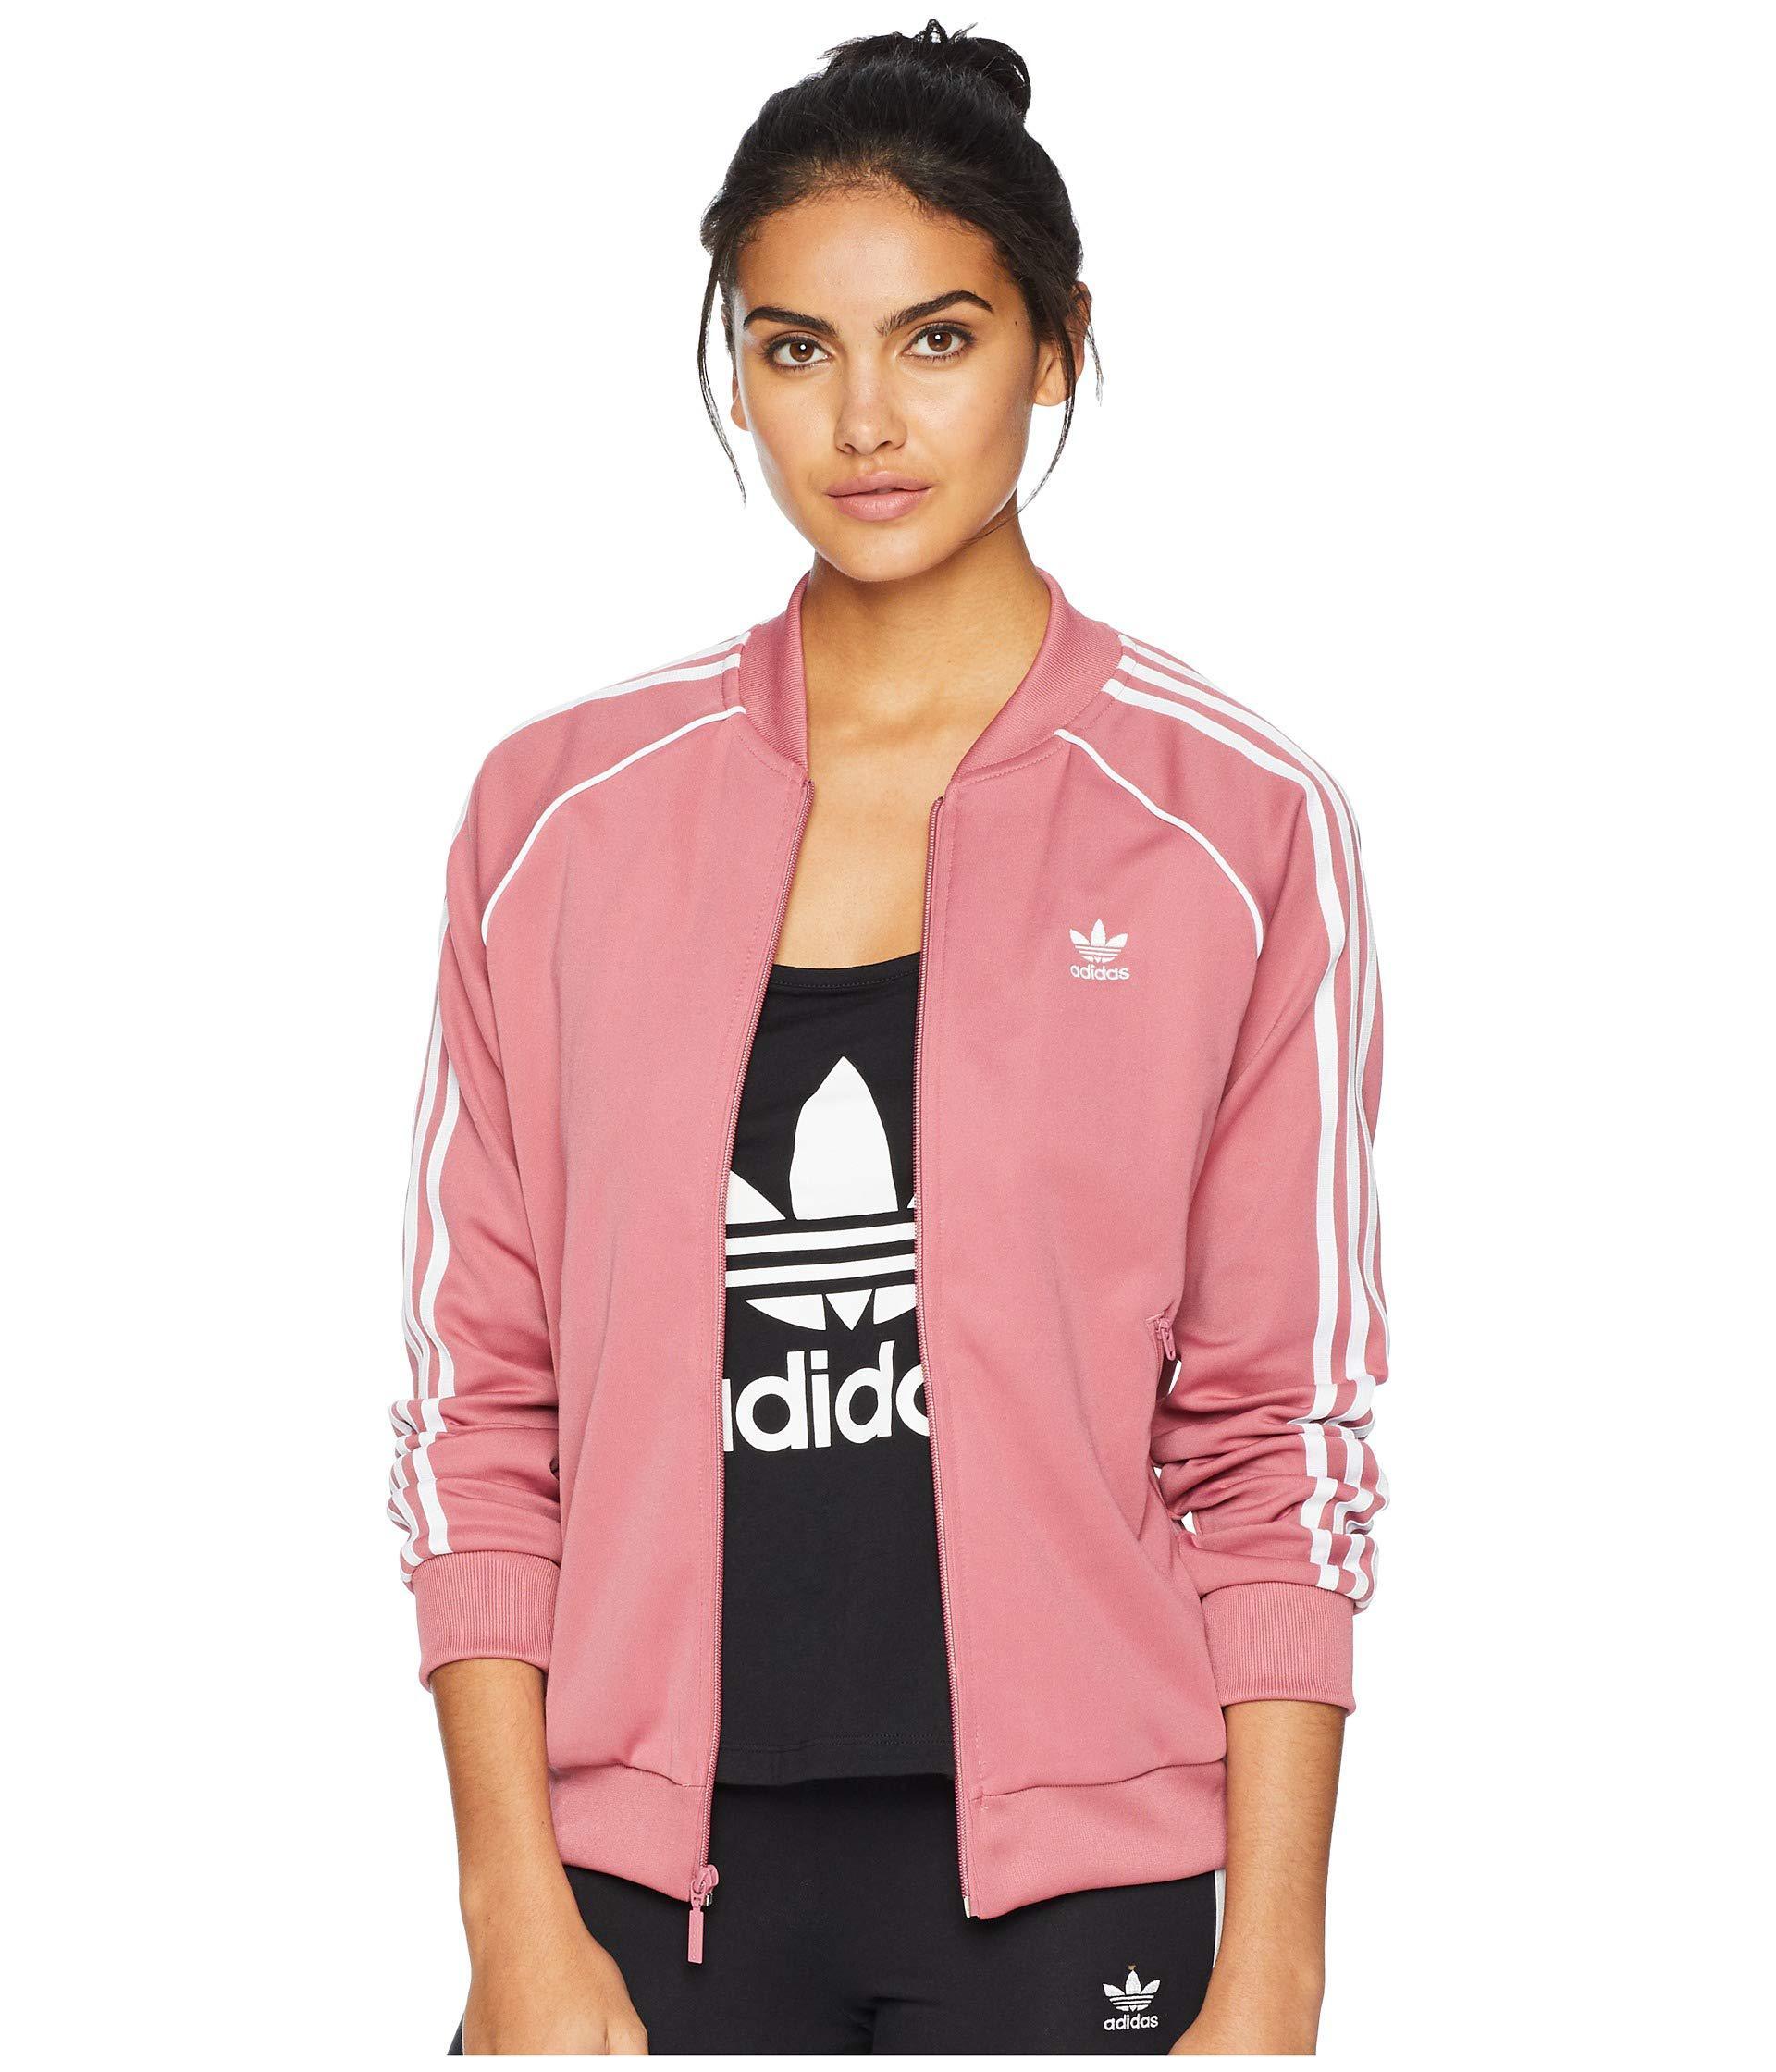 Lyst - adidas Originals Sst Track Jacket (black) Women s Coat in Pink a5847e4cc